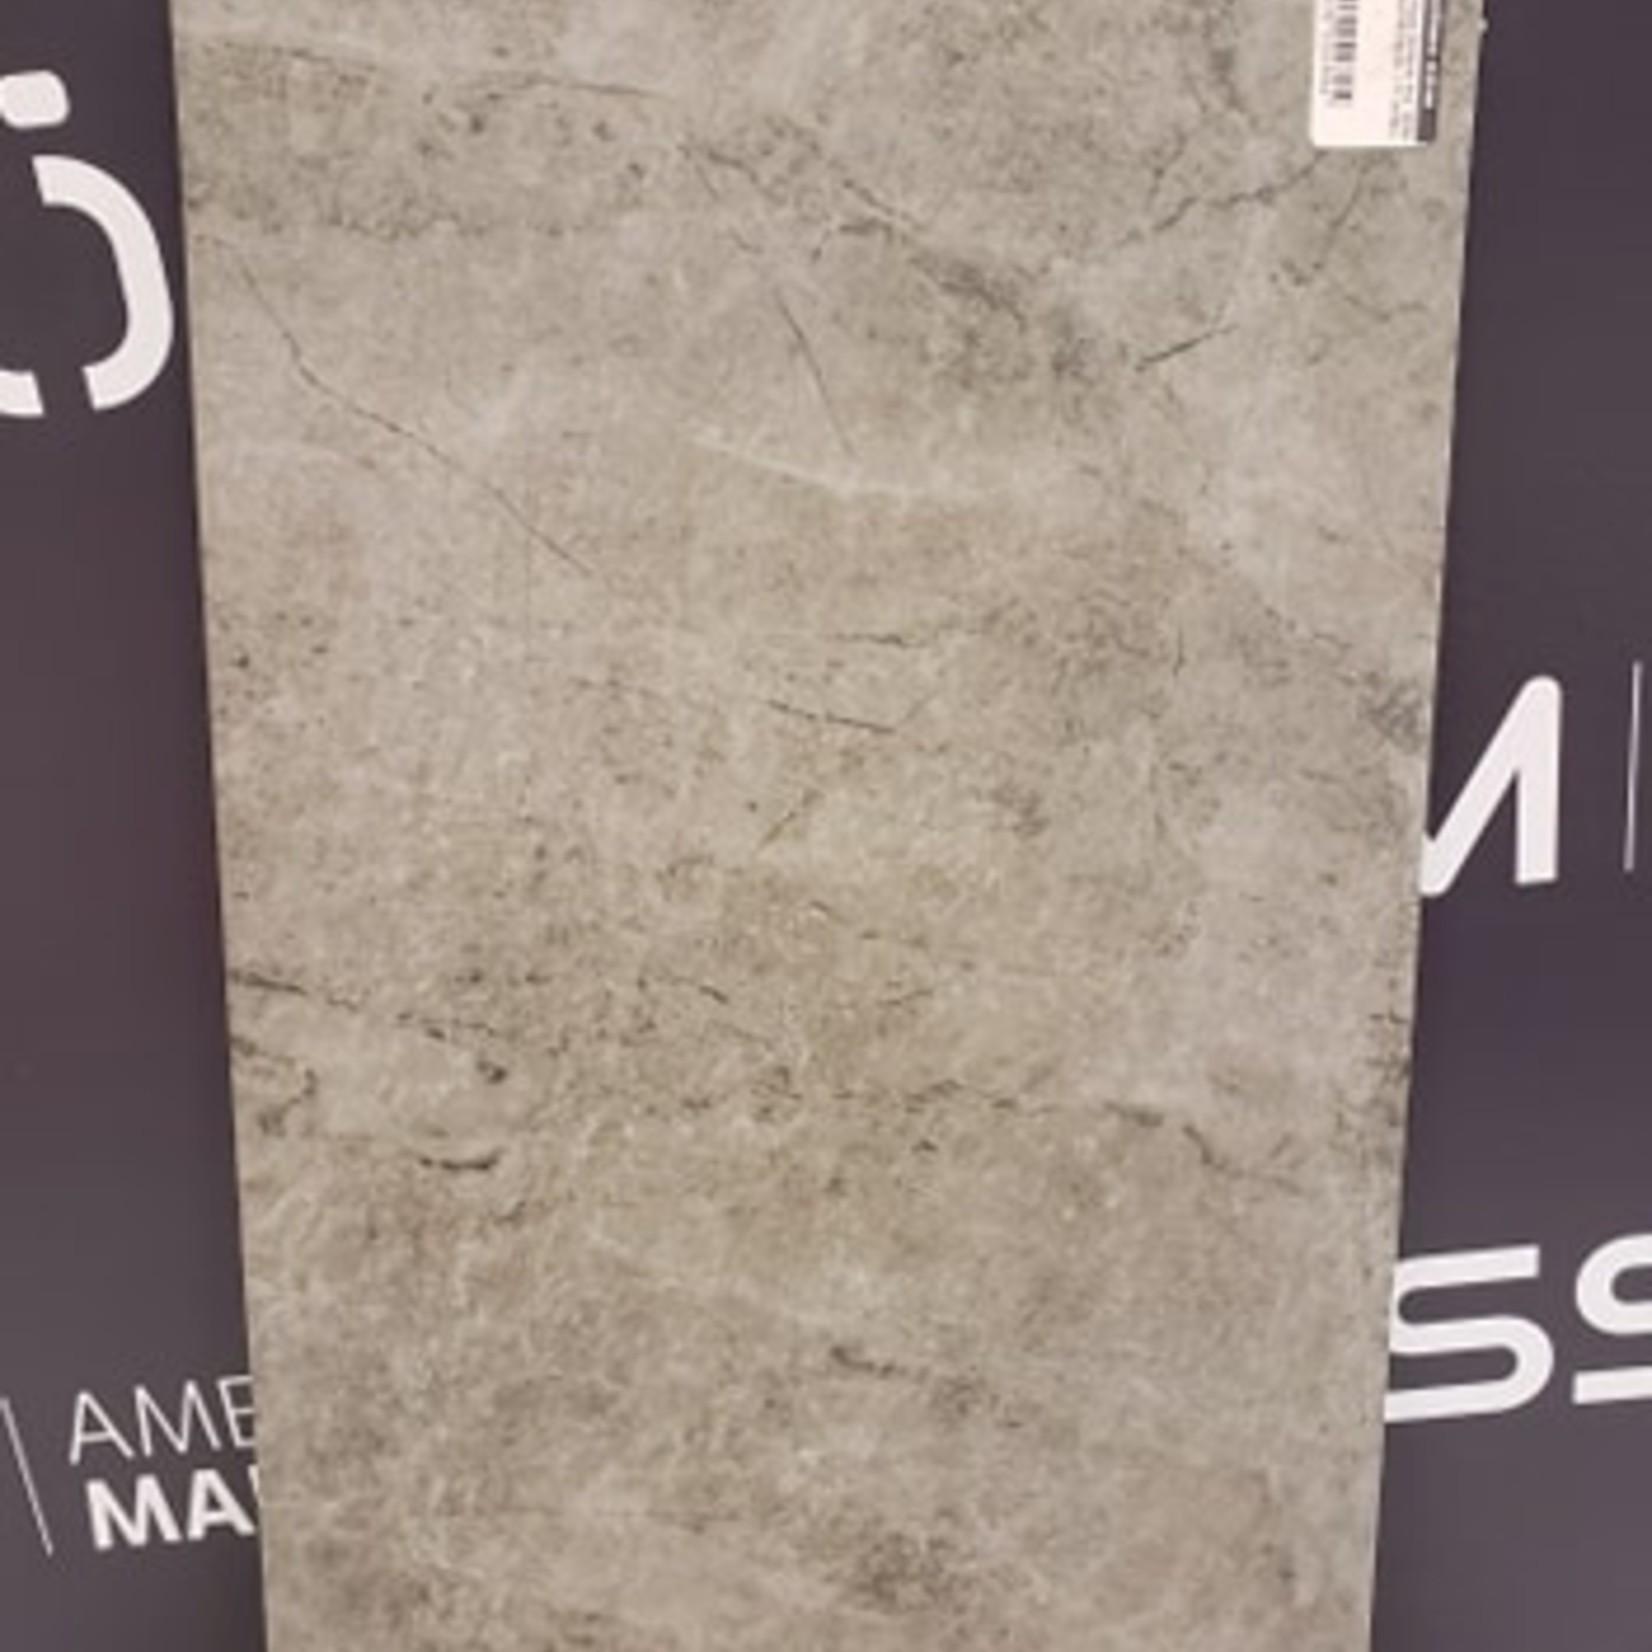 Céramique Carmelo Fior 13X22 Midland Antracite  134pc